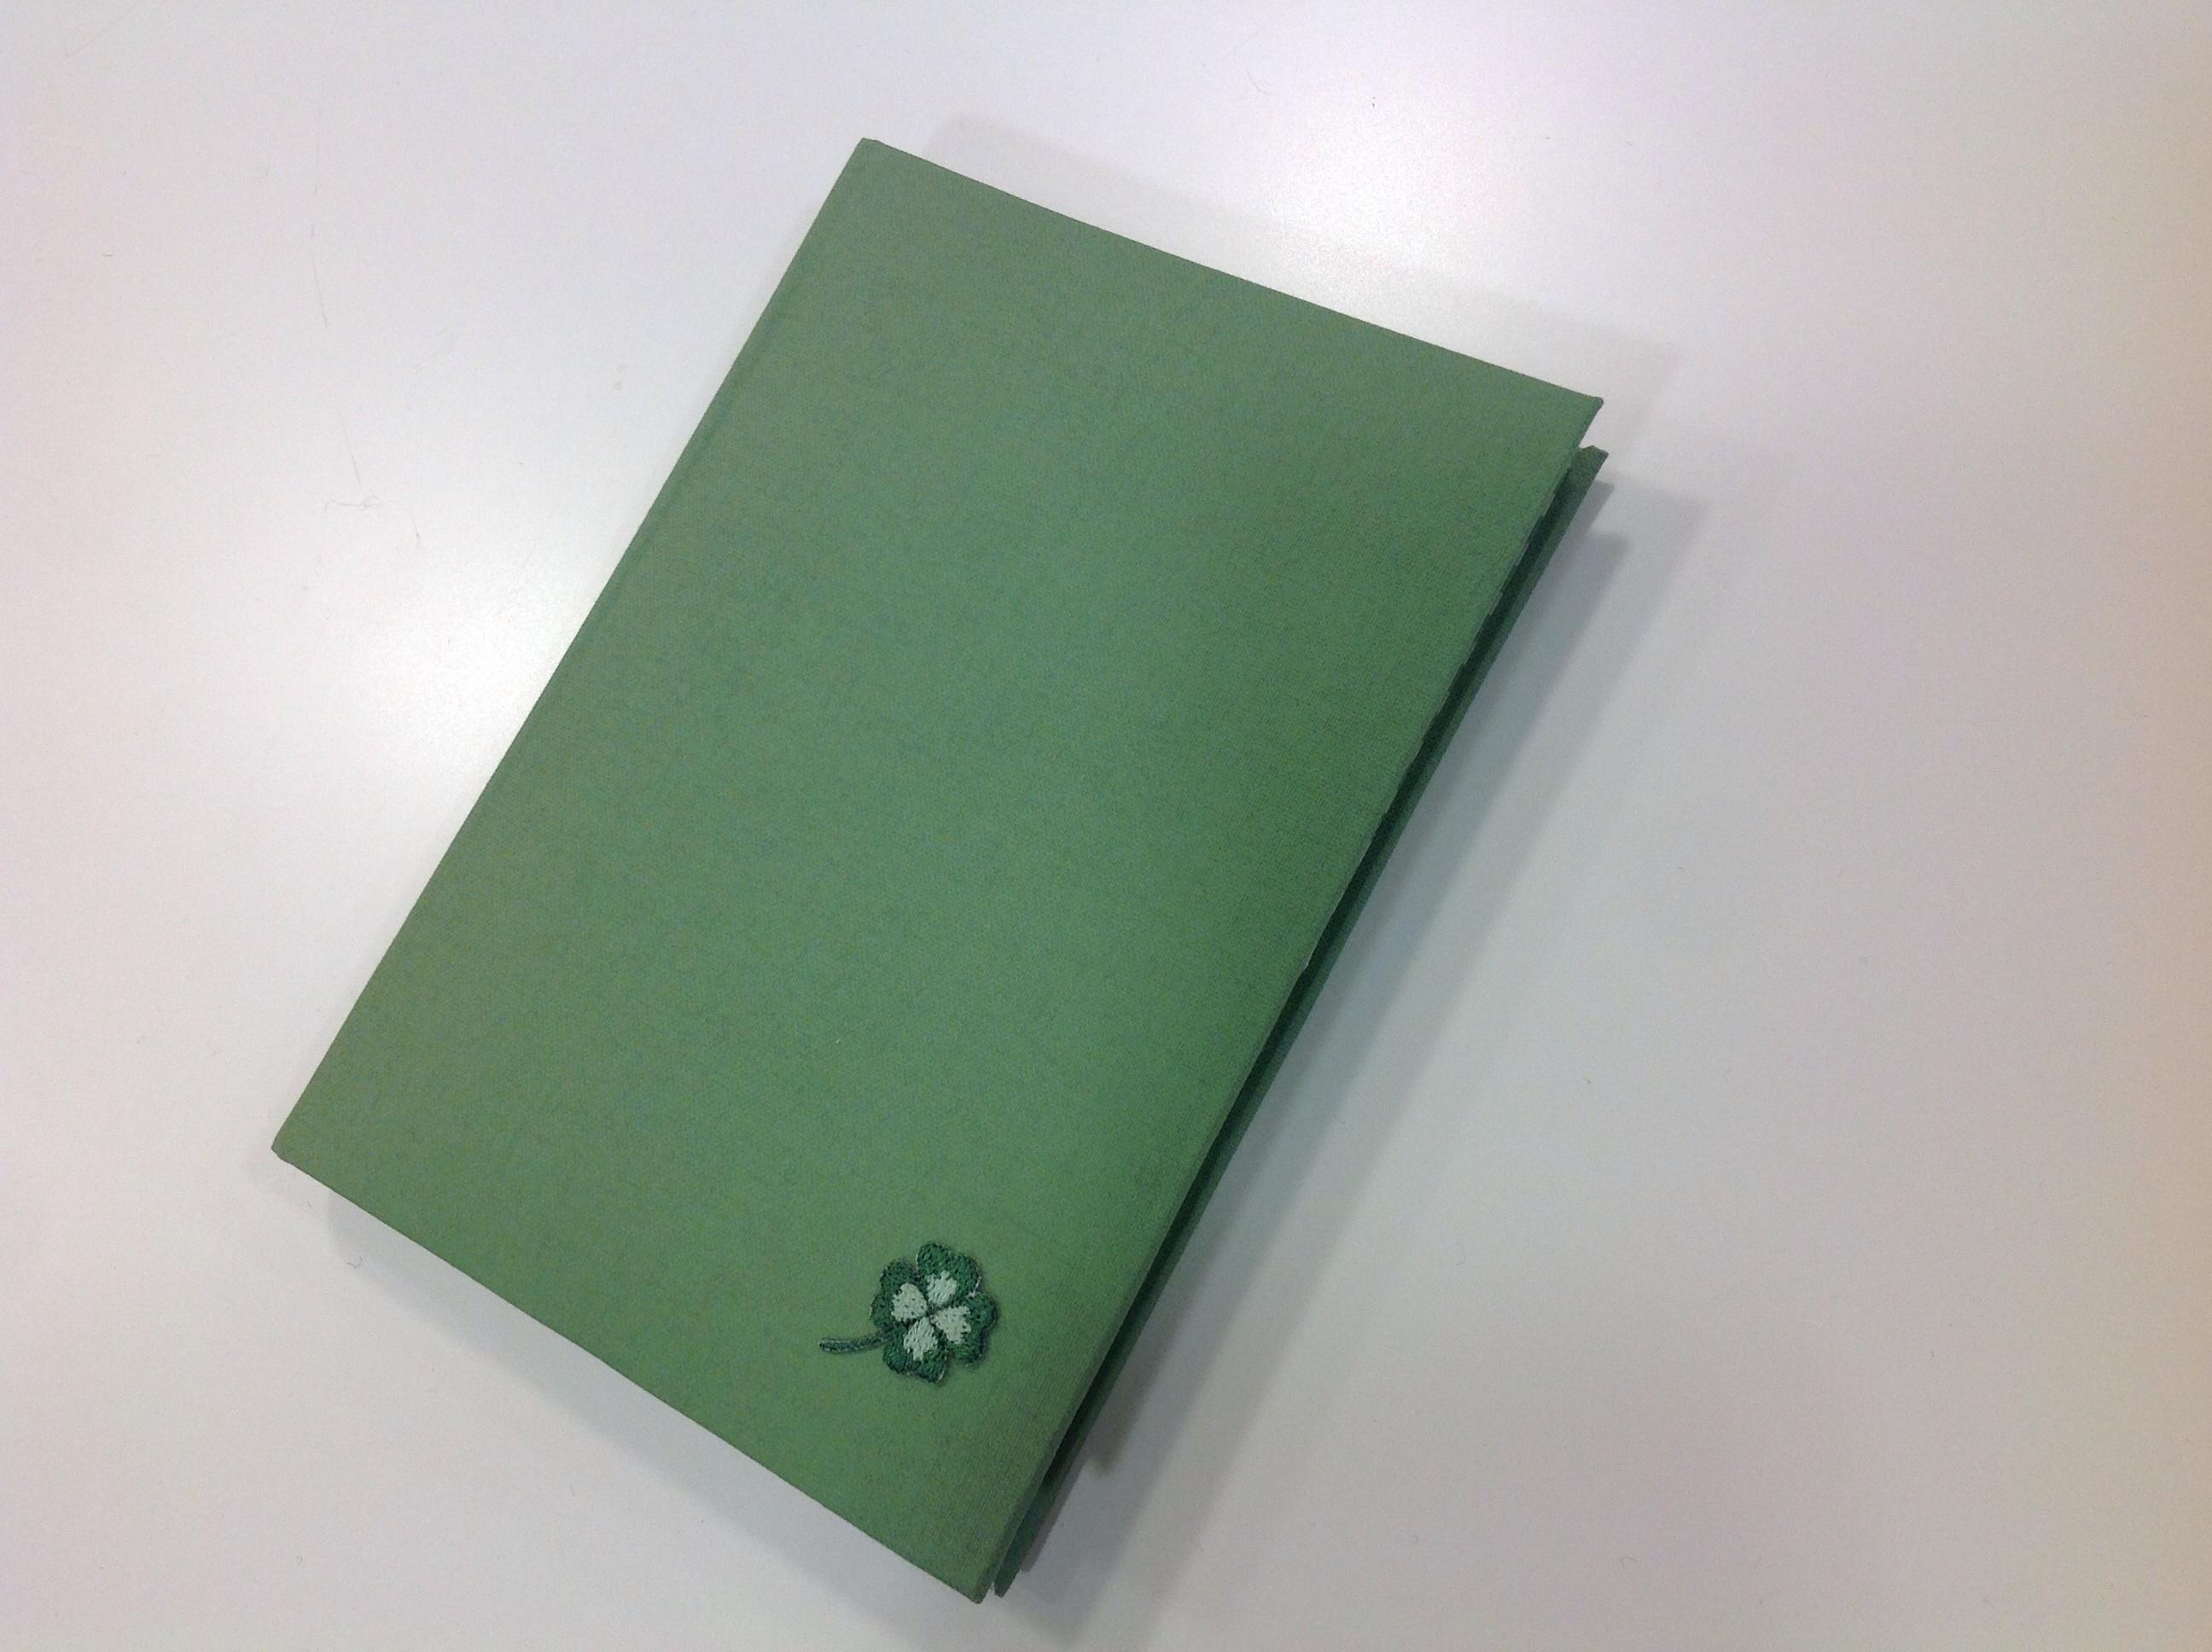 medecine book